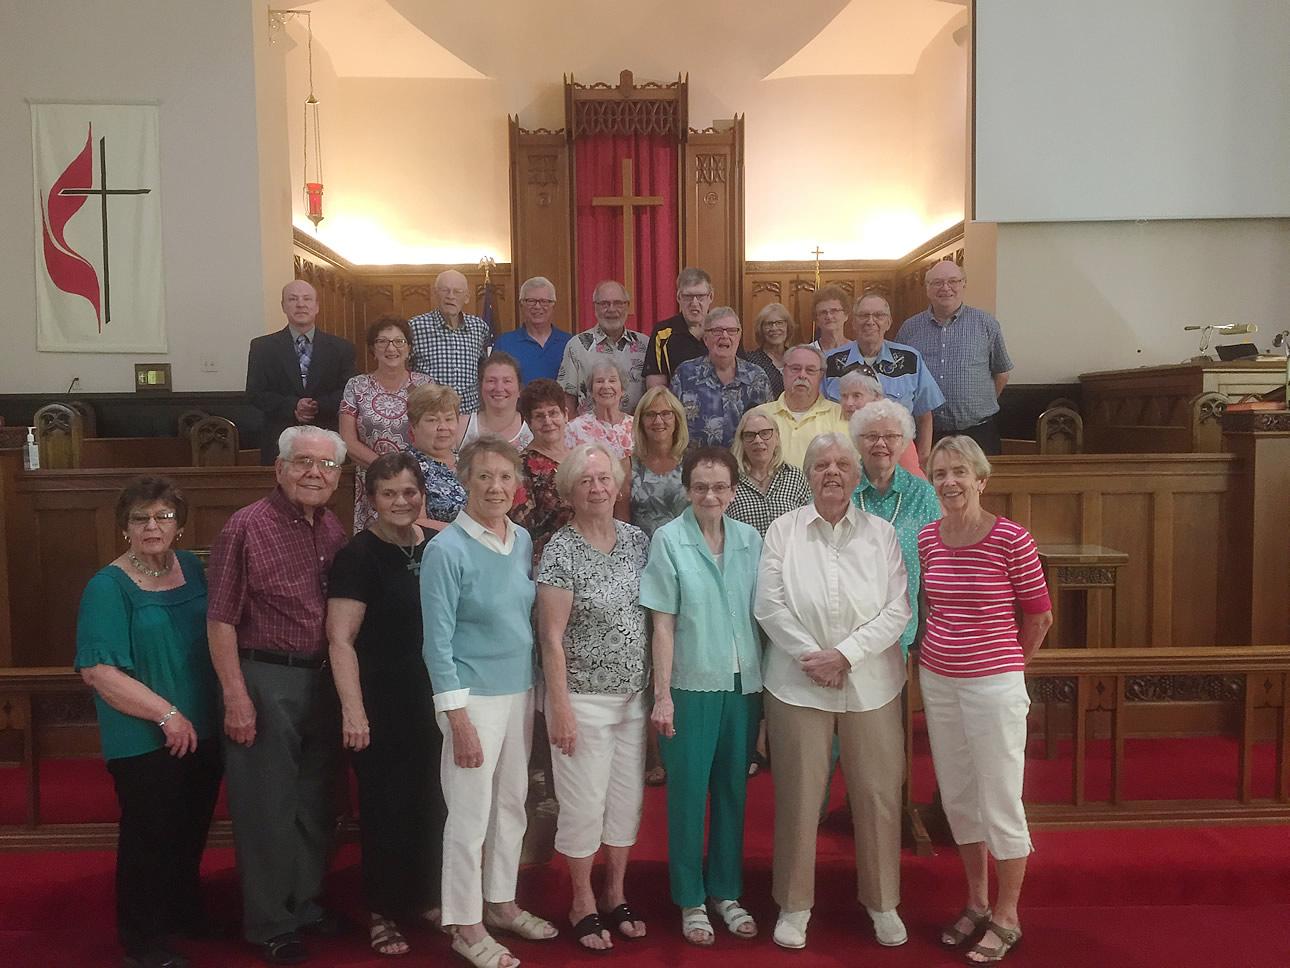 ironwood-wesley-umc-congregation-resized